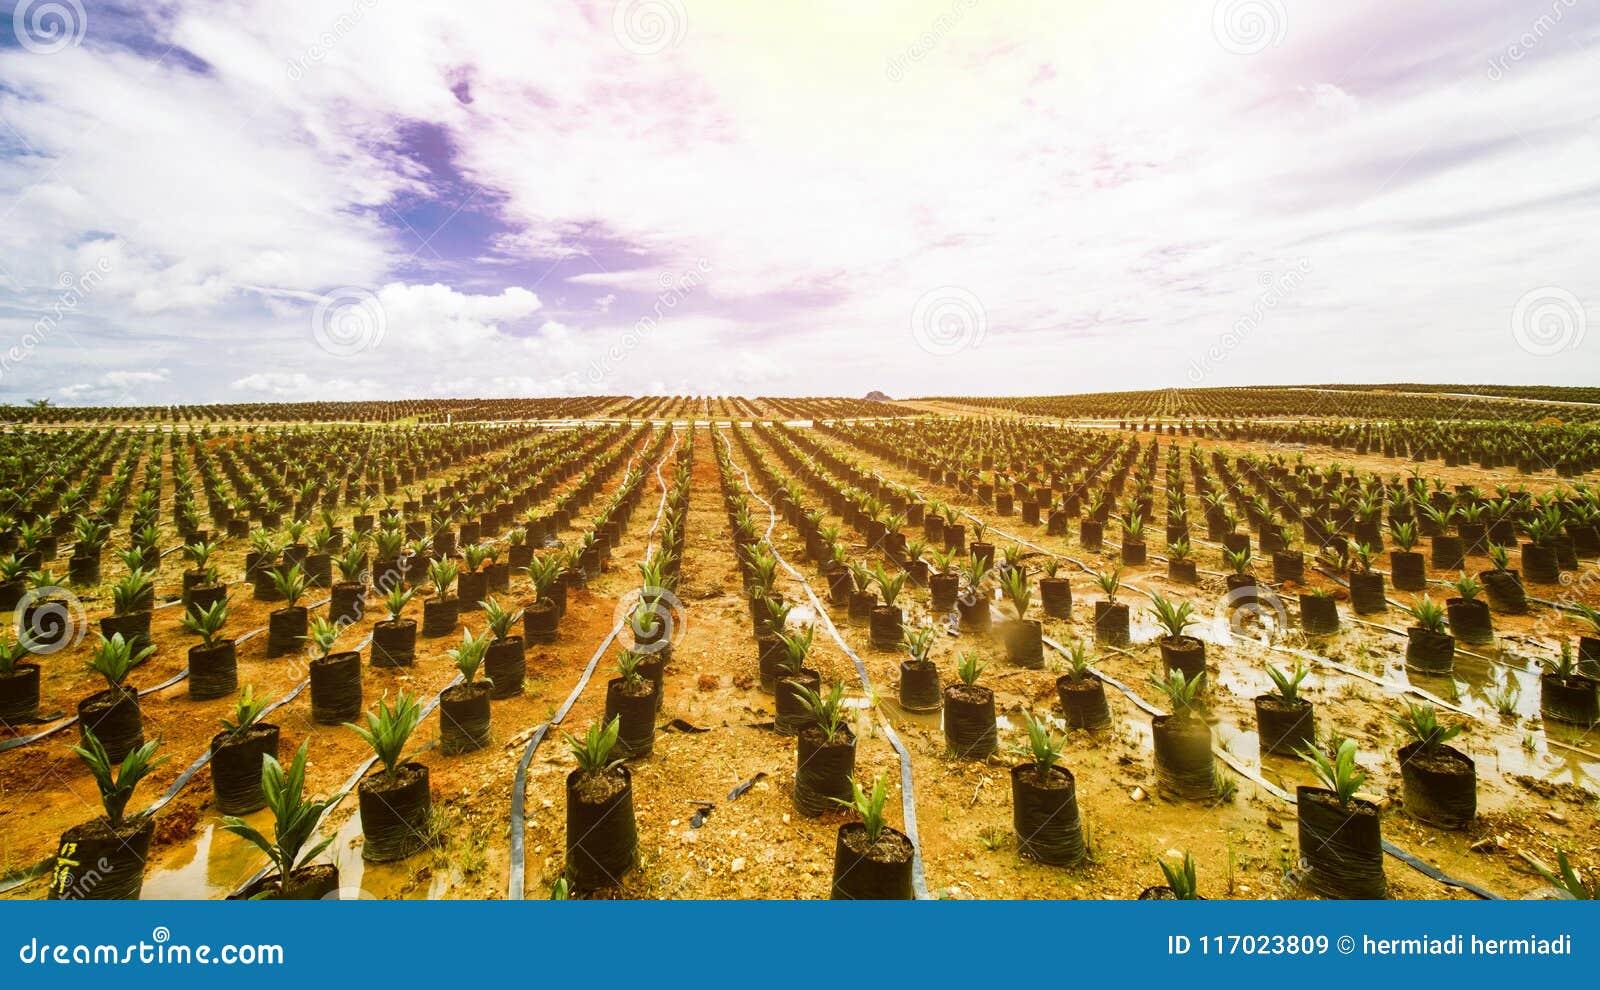 Φυτεία ελαιοφοινίκων ή σπορά ελαιοφοινίκων